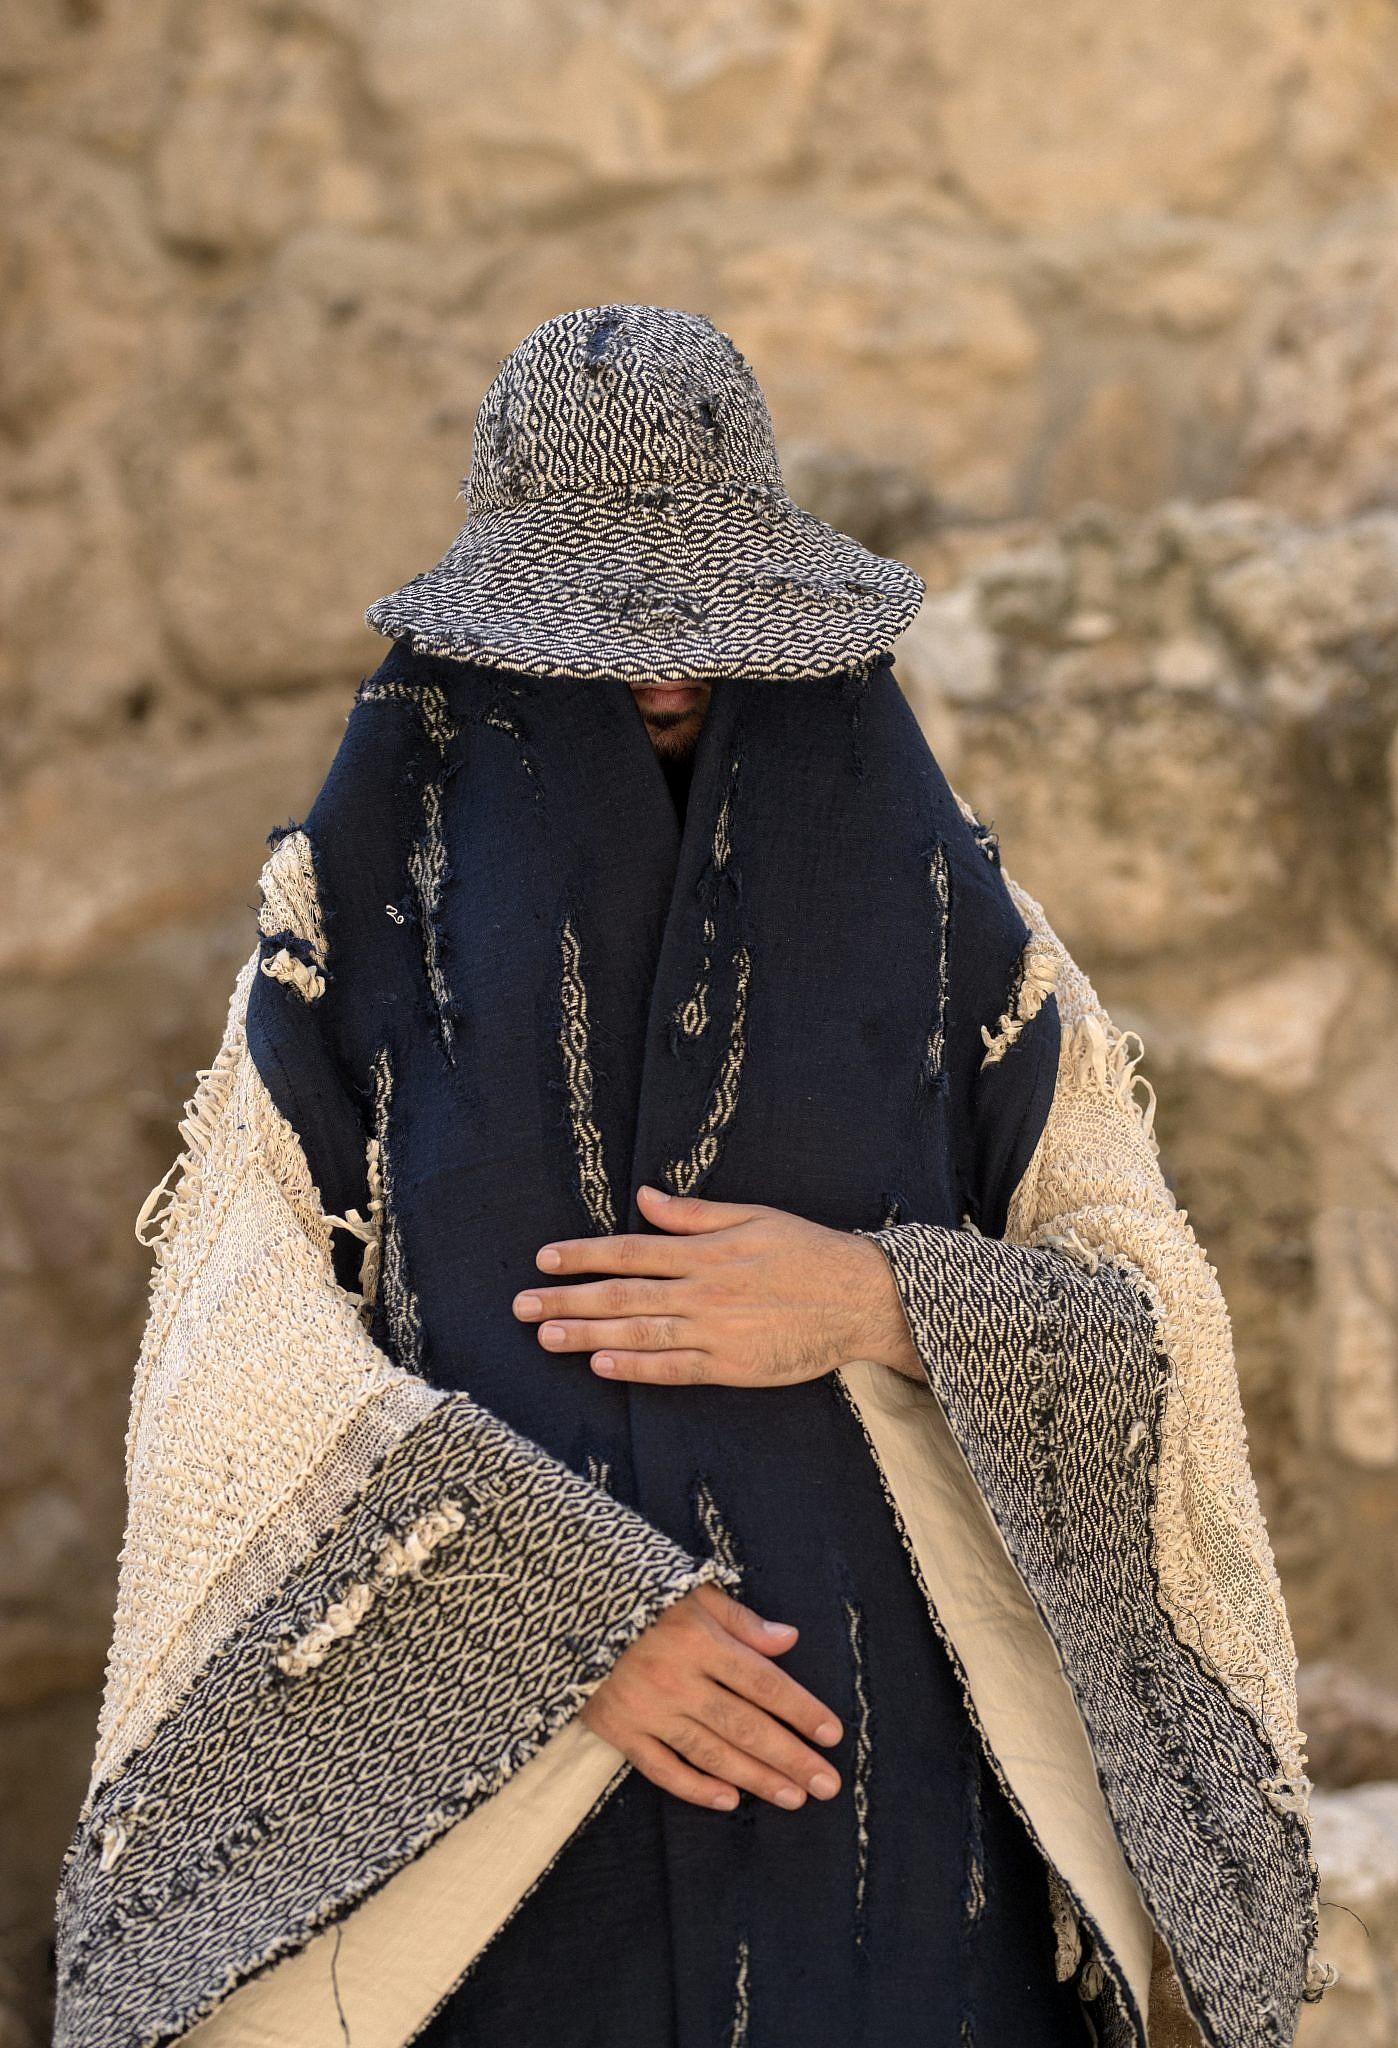 ארכי-פאשן, מעיל נוודים מטולא. צילום: ריקי רחמן